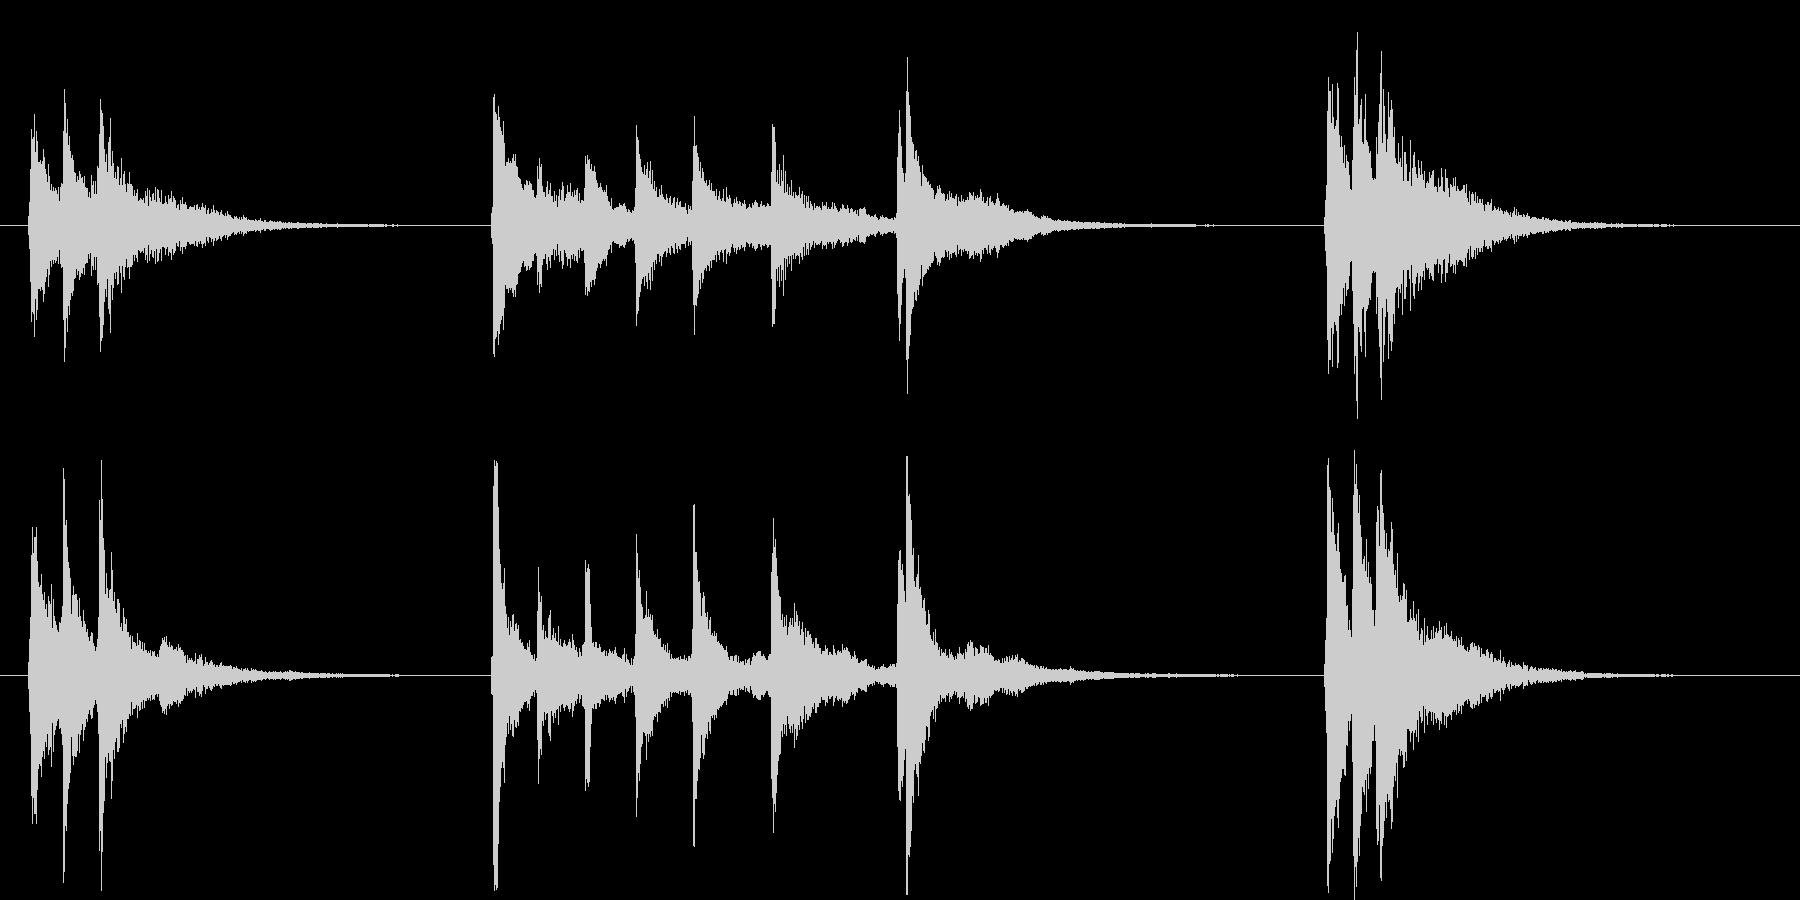 三味線を使った音源ですの未再生の波形